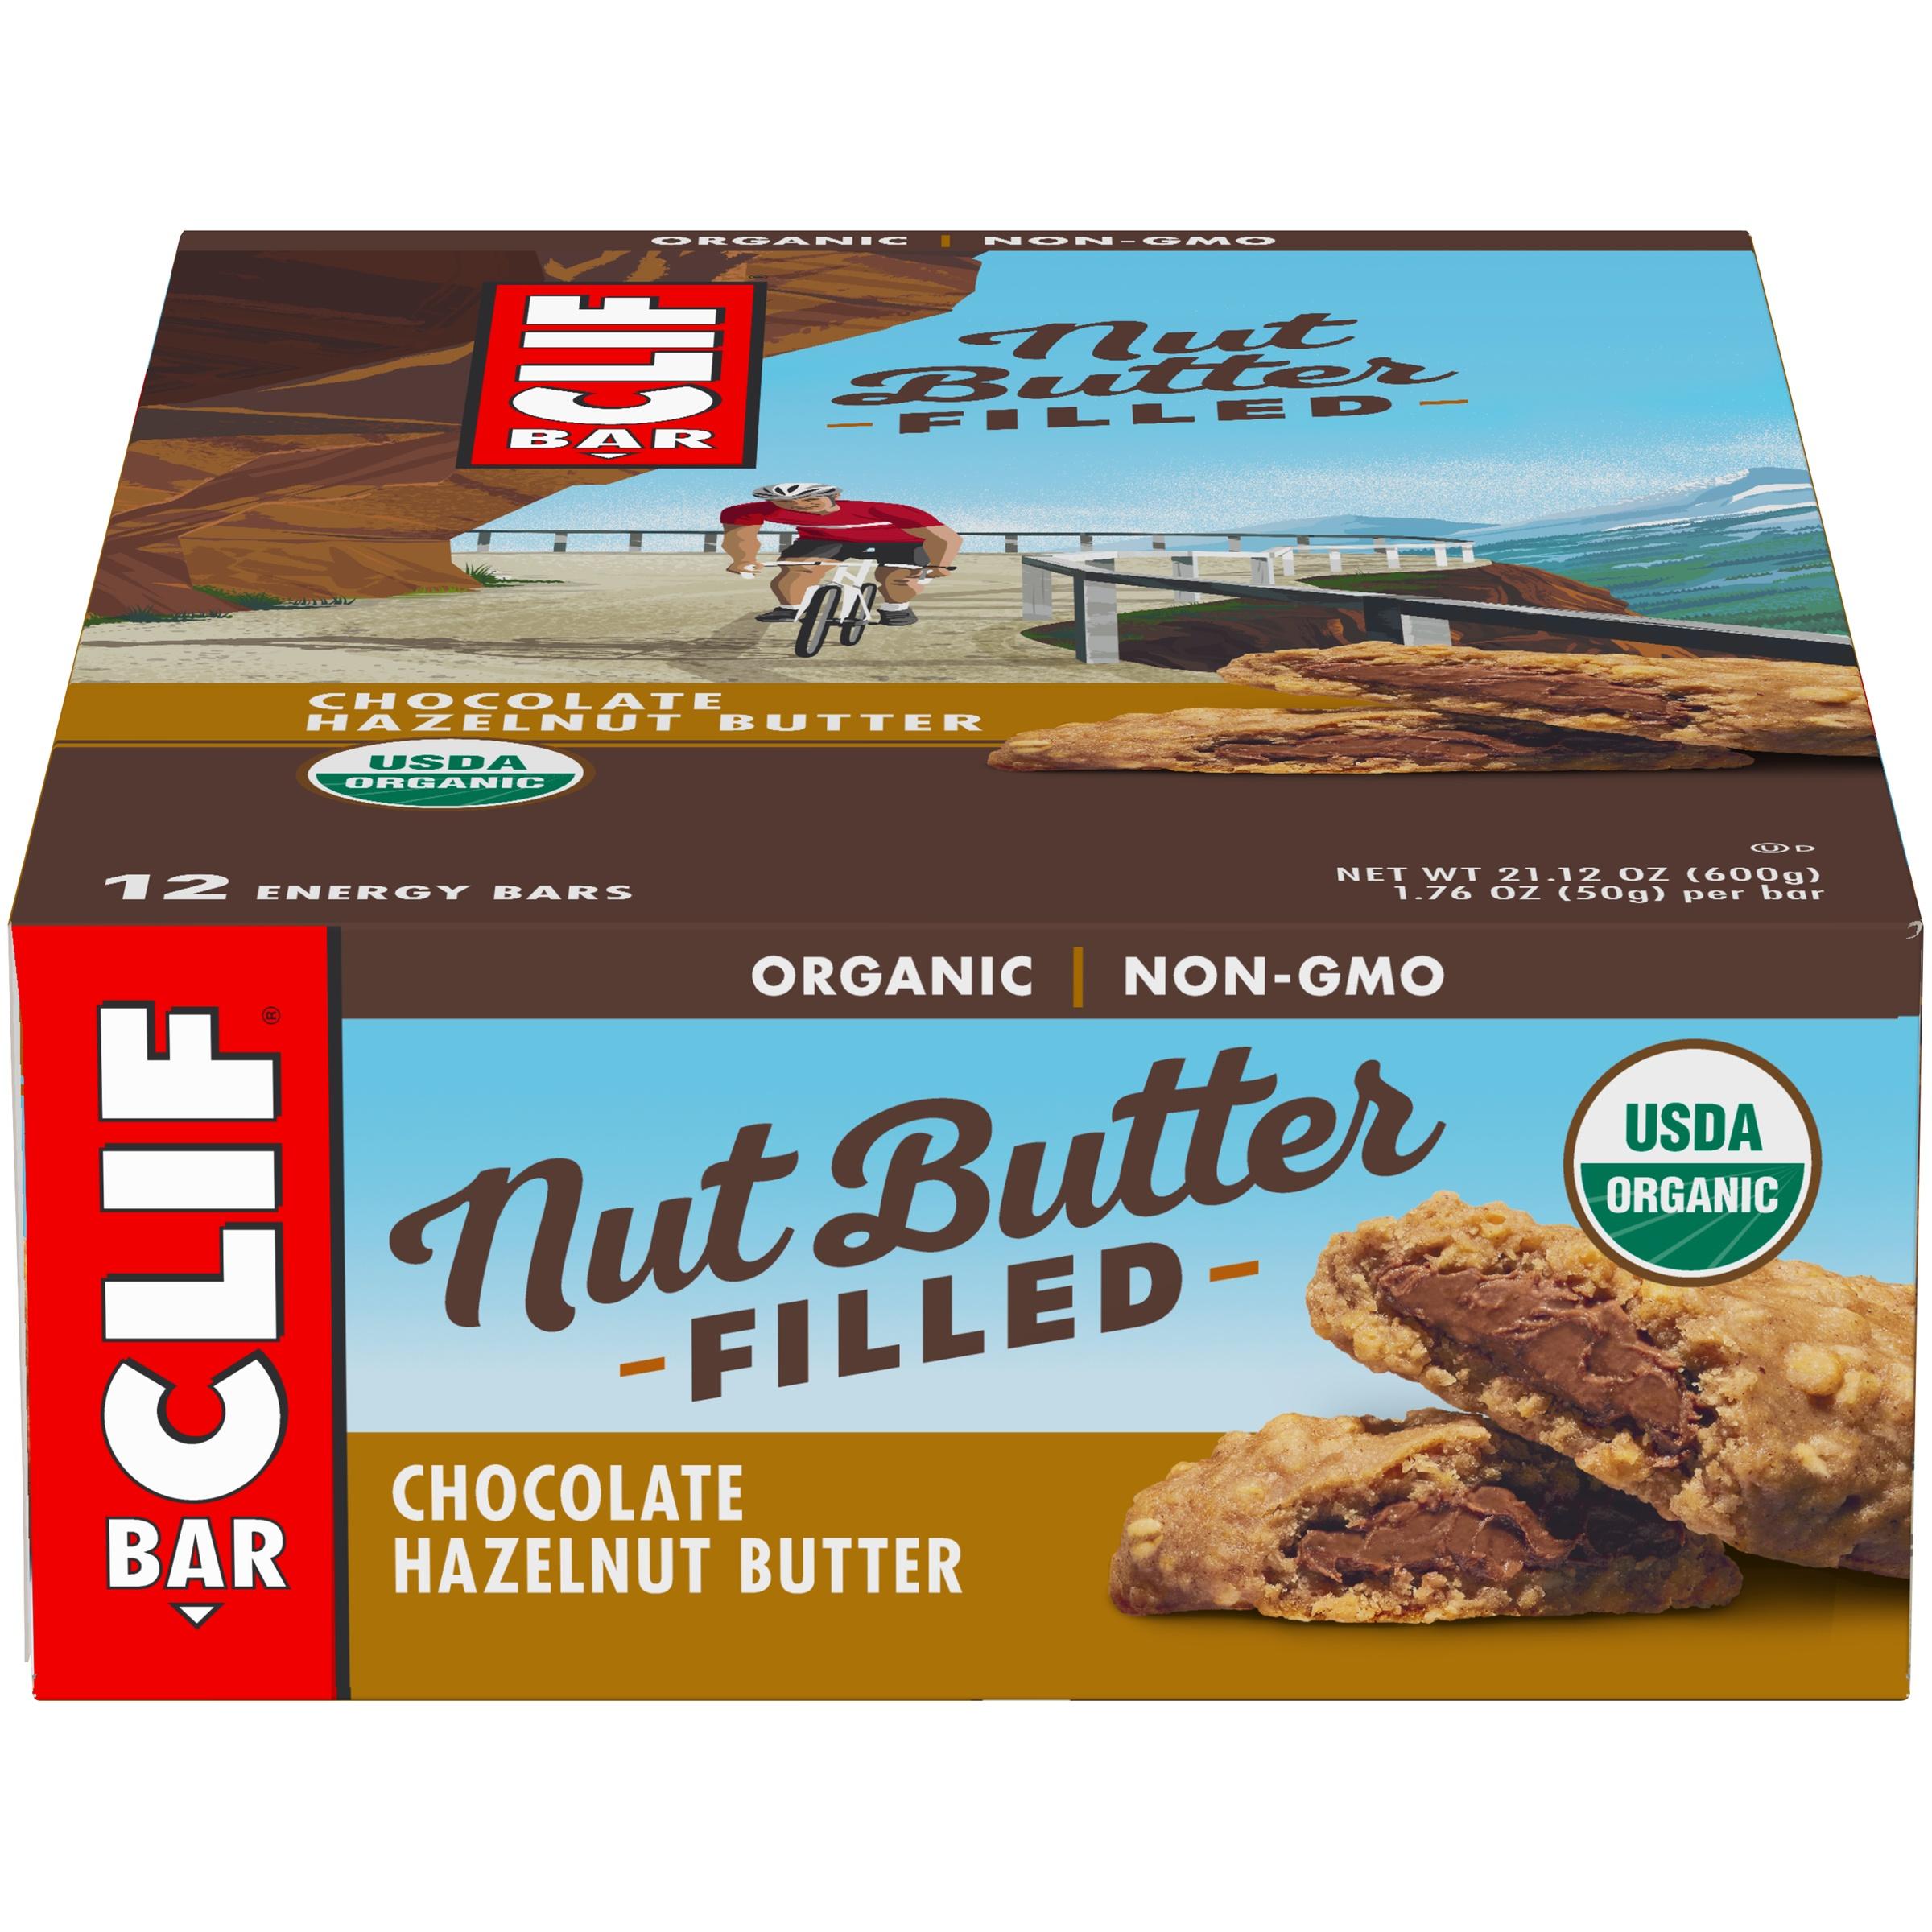 Clif Bar, Nut Butter Filled, Chocolate Hazelnut Butter, 12 ct $4.1